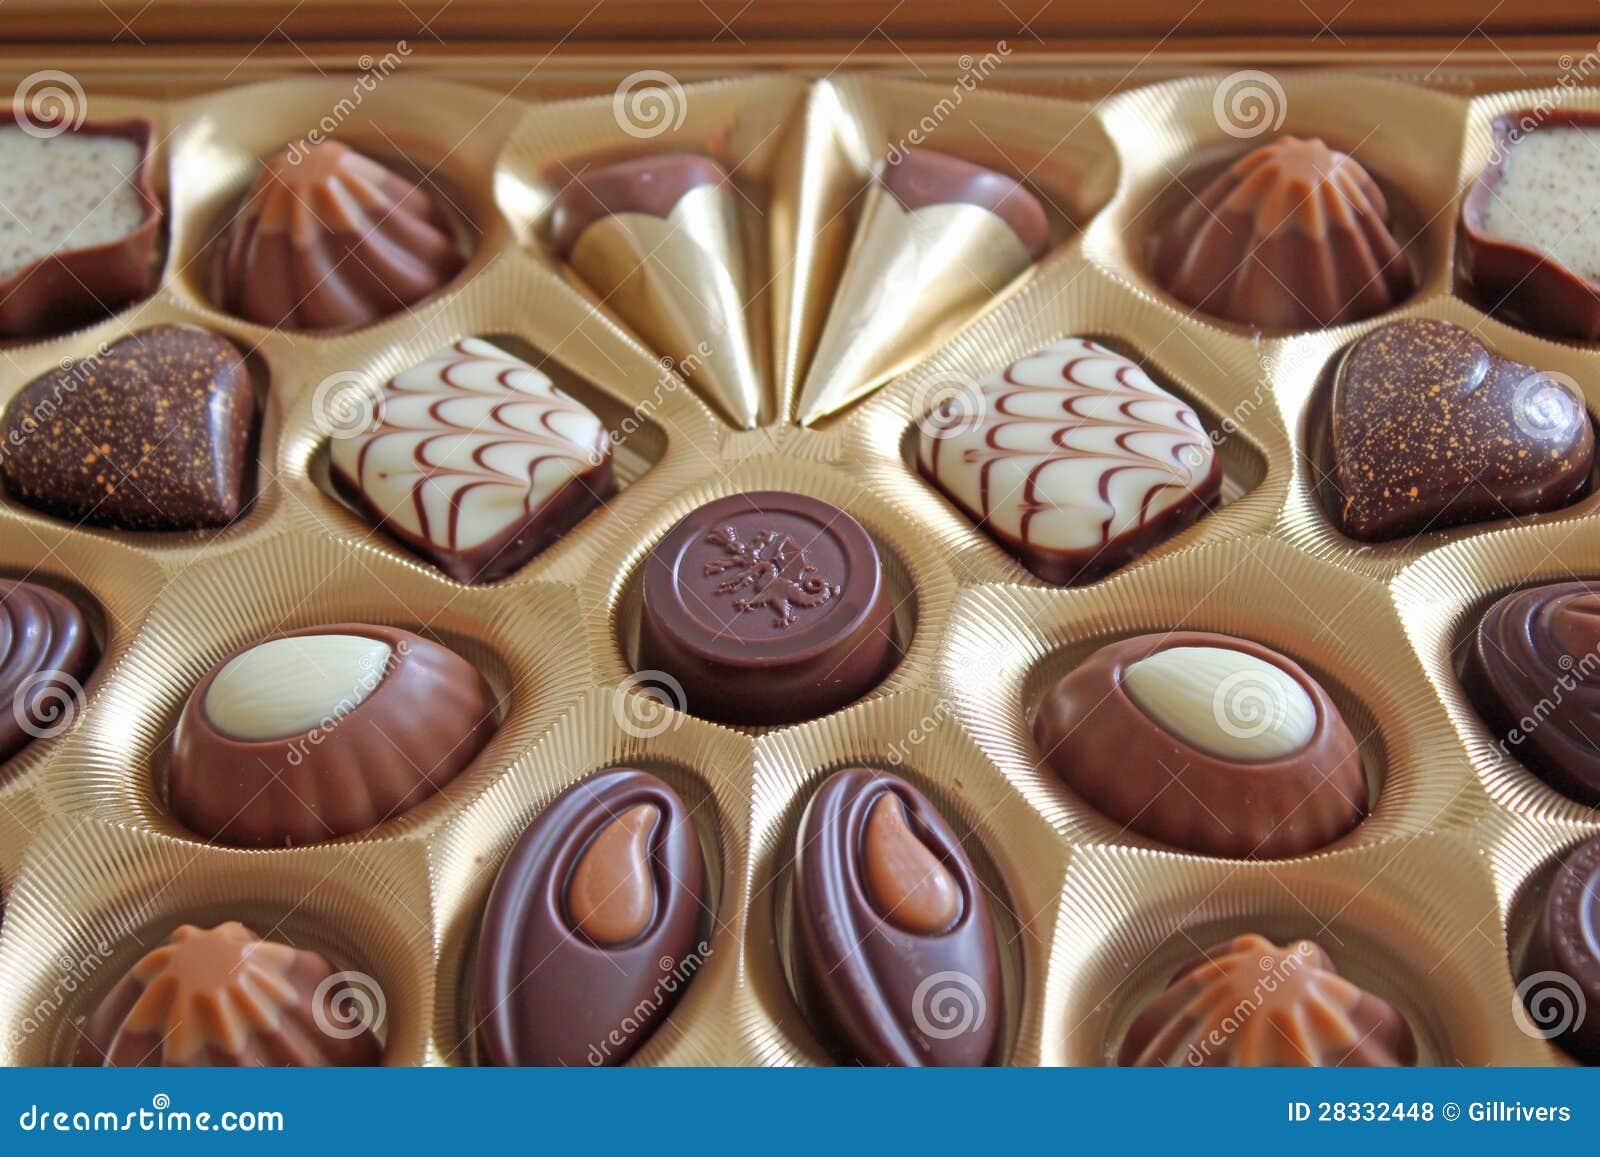 Posh Chocolates Royalty Free Stock Photos - Image: 28332448